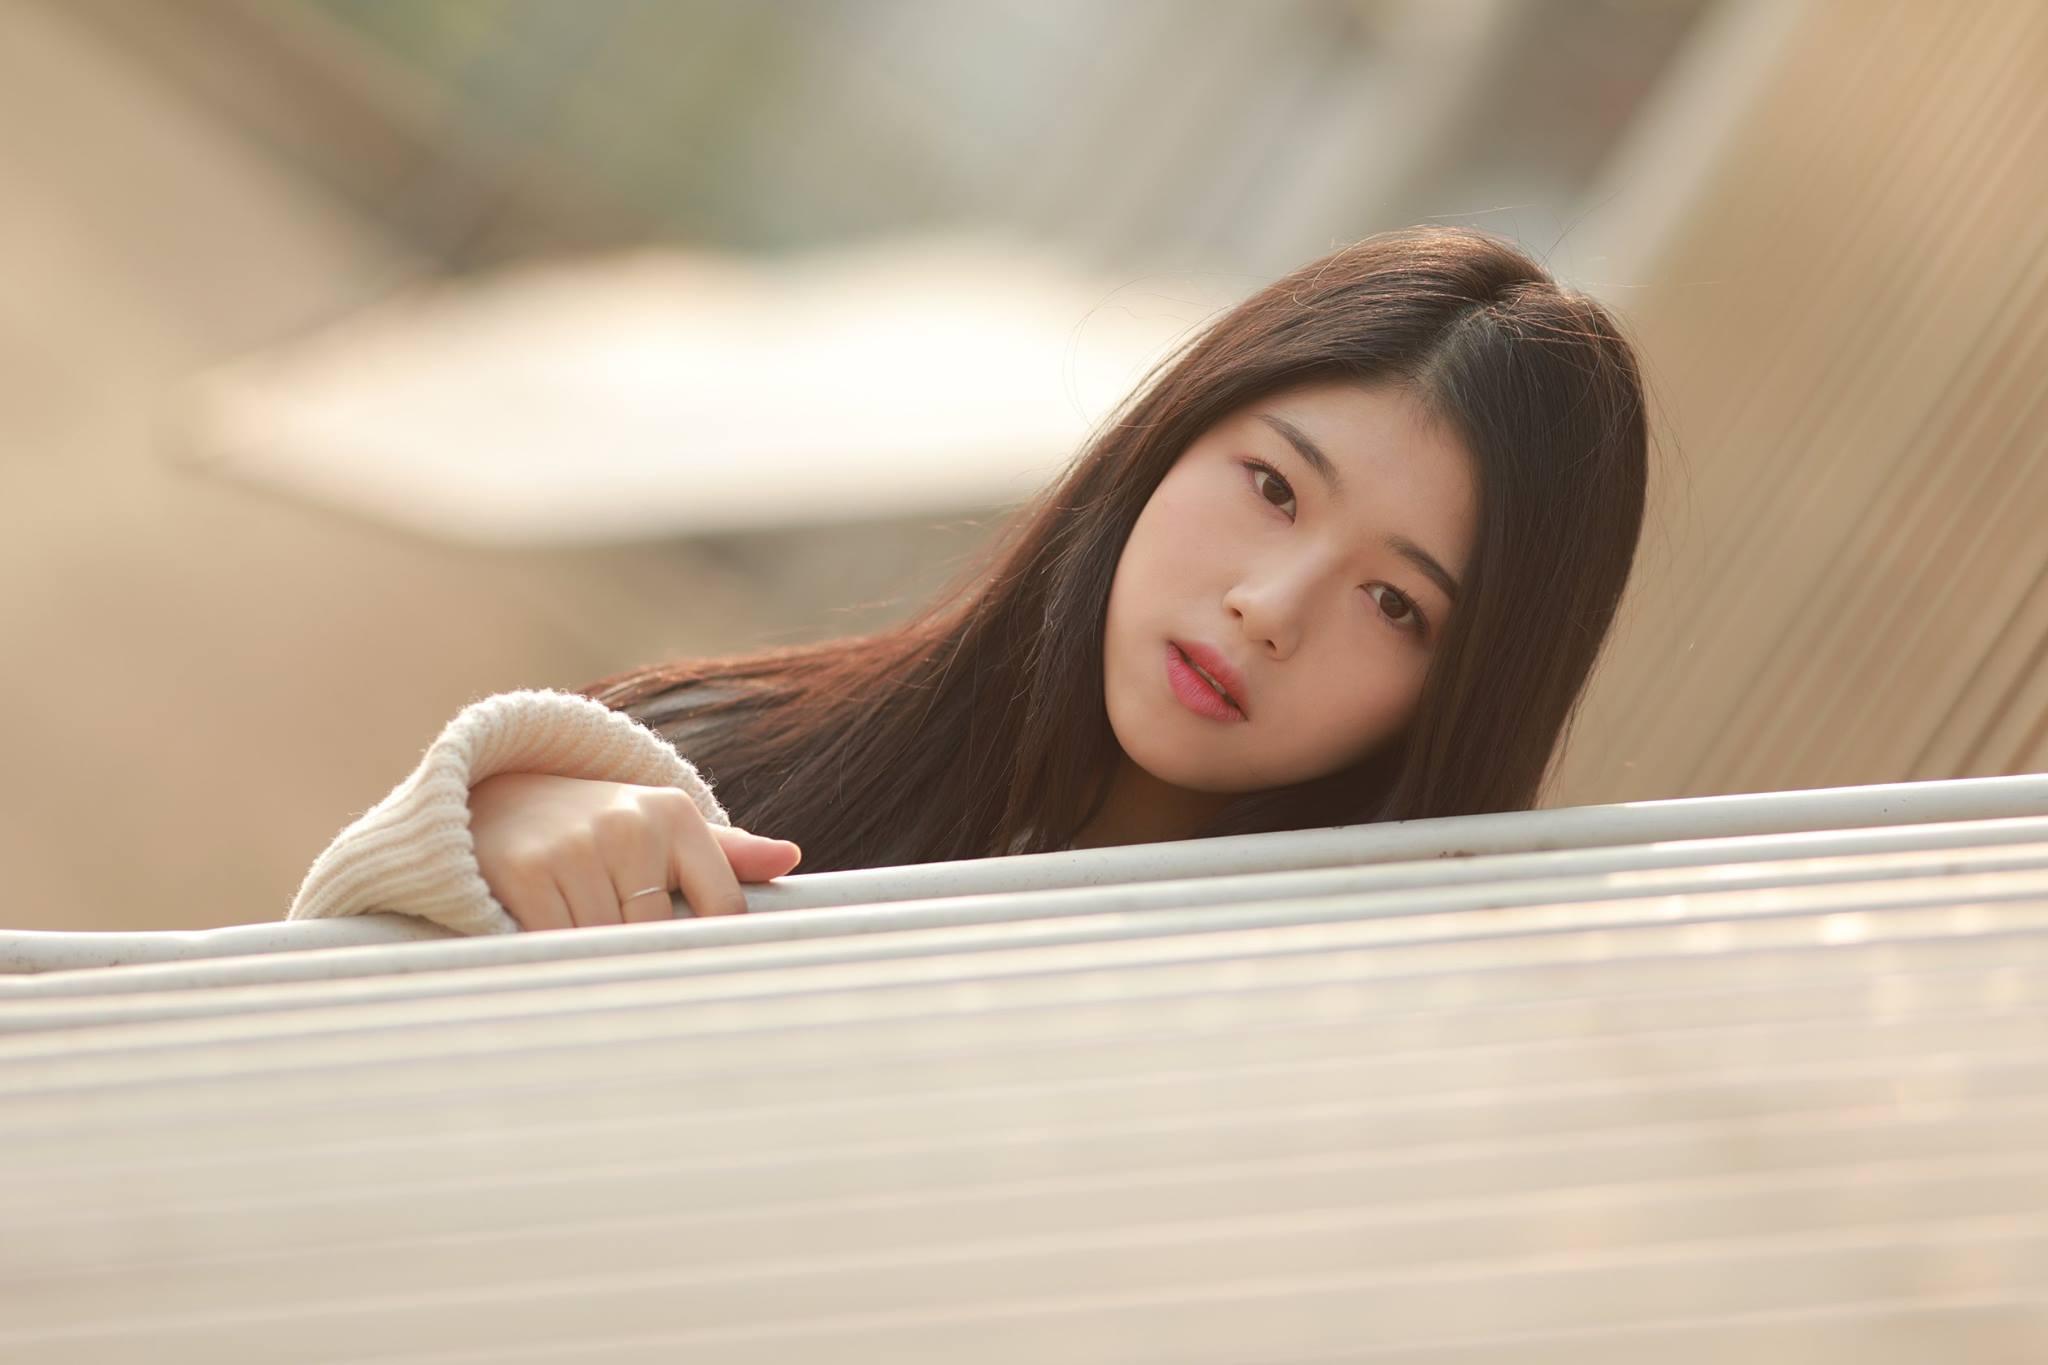 不過據經紀公司透漏,Ji Sung剛出道時體重的確是突破60公斤,但她最近正在努力運動,目前已瘦到58公斤,而Ji Sung還在努力減肥中。 不過小編真的不希望Ji Sung變得太瘦啊!現在的她才是最健康、最有特色的她啊~